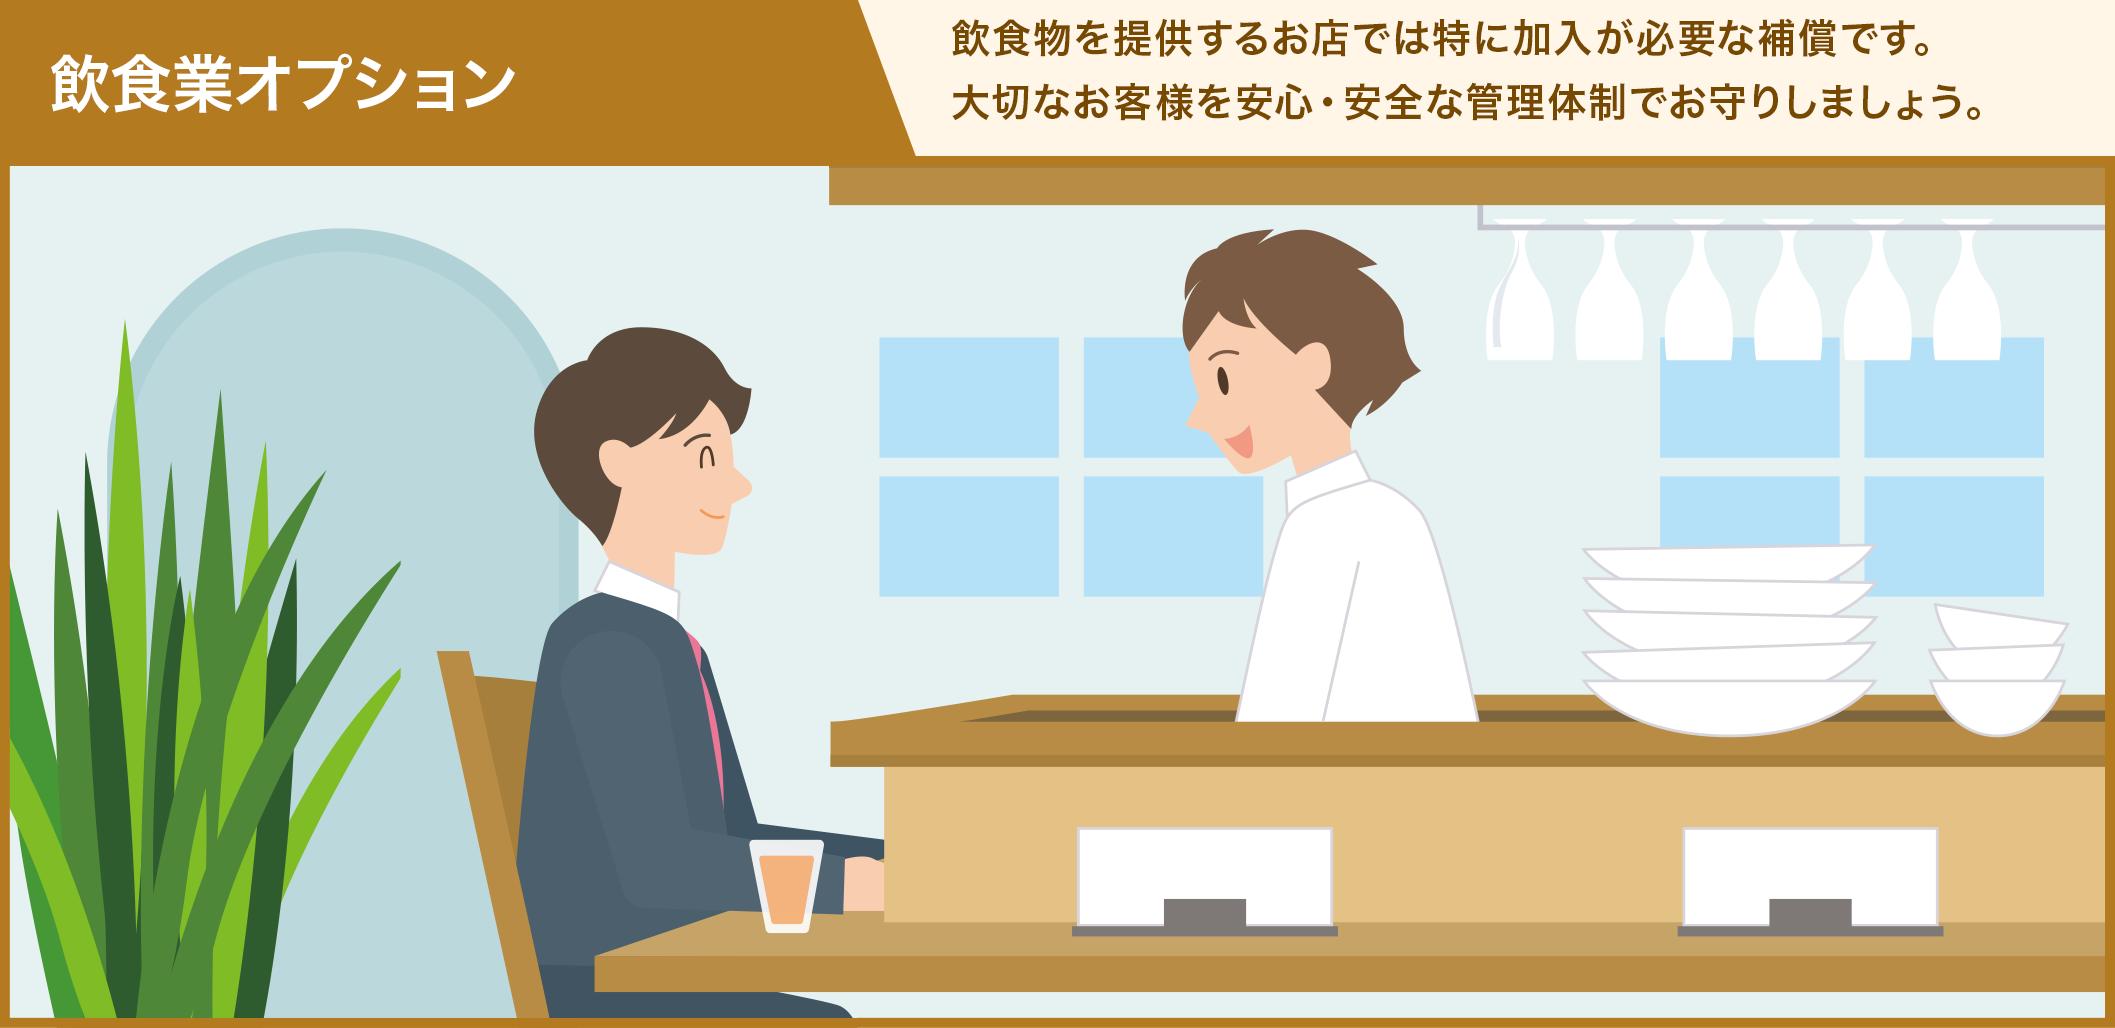 飲食業オプション 飲食物を提供するお店では特に加入が必要な補償です。 大切なお客様を安心・安全な管理体制でお守りしましょう。